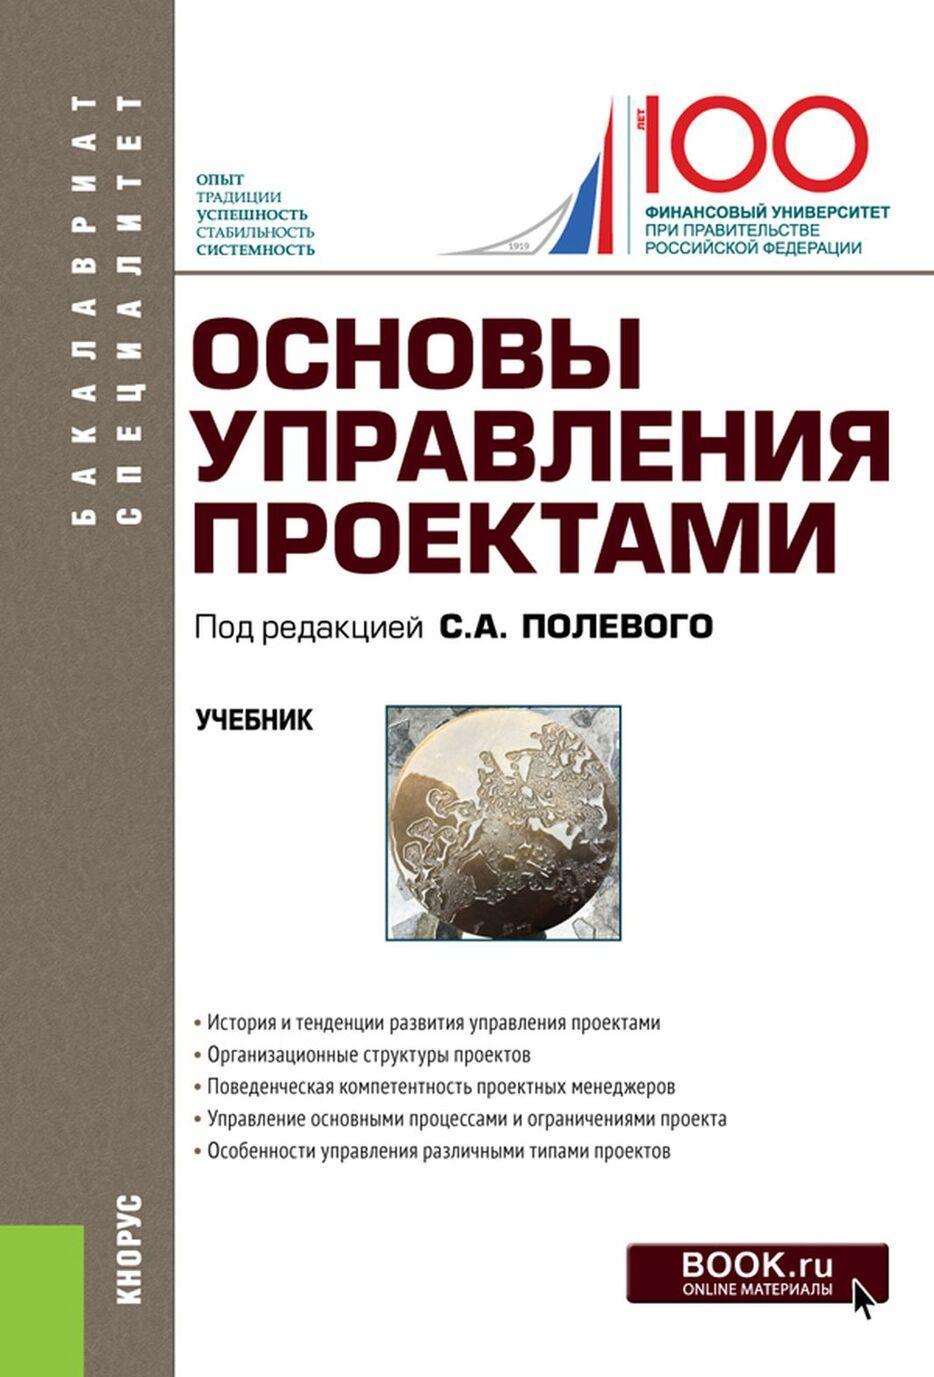 Osnovy upravlenija proektami. Uchebnik | Polevoj Sergej Anatolevich, Zhidikov V. V.